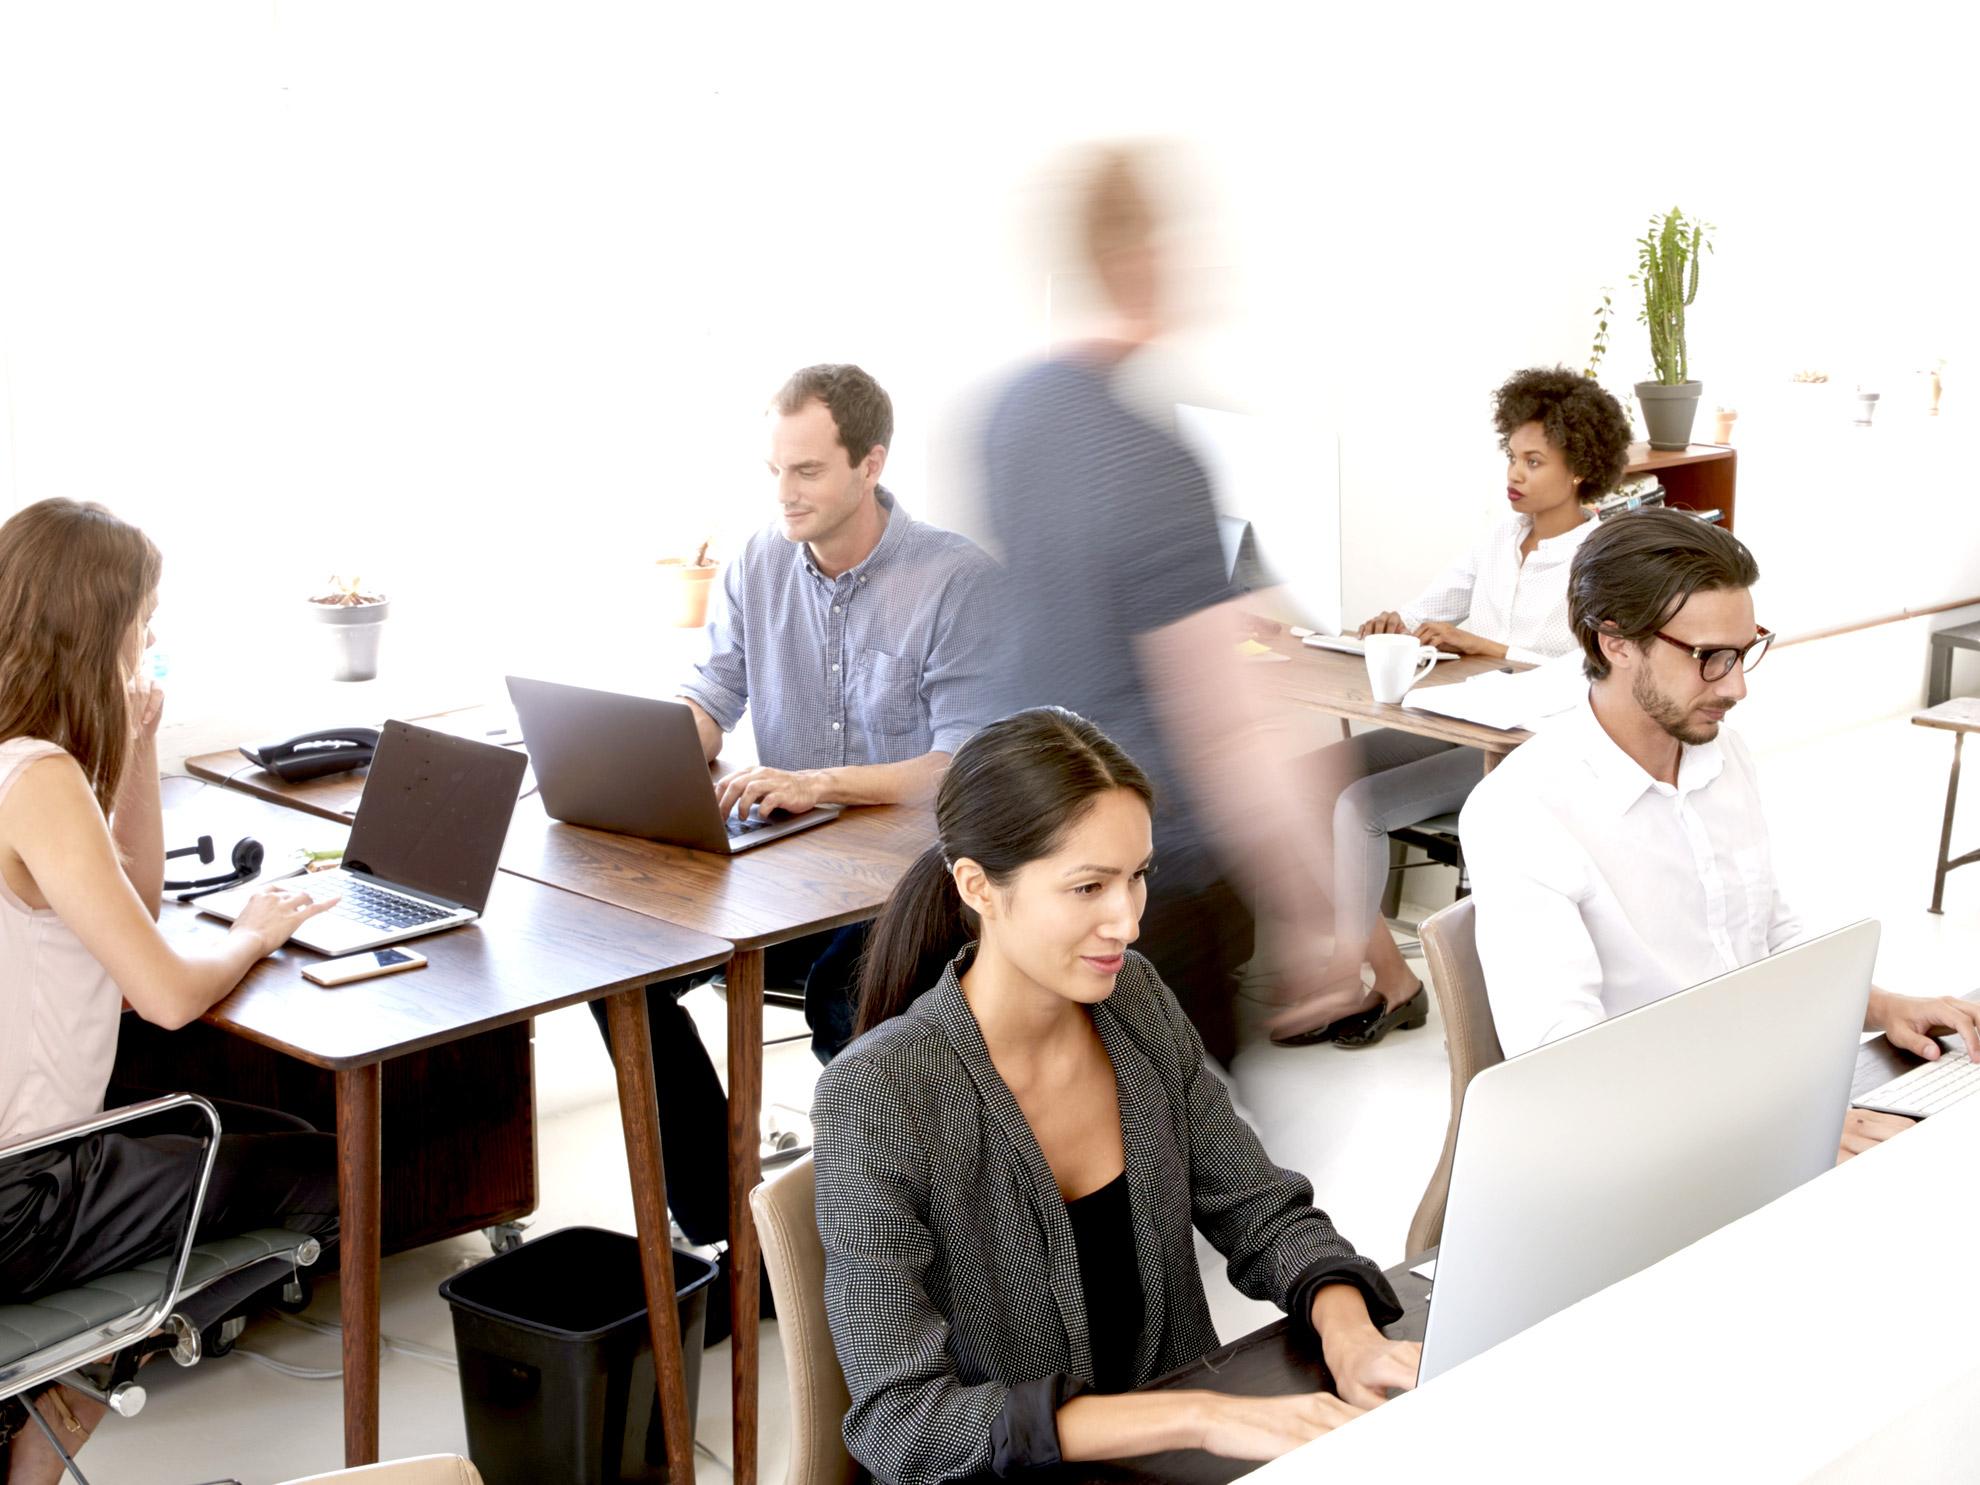 gestione-turni-lavoro-agile